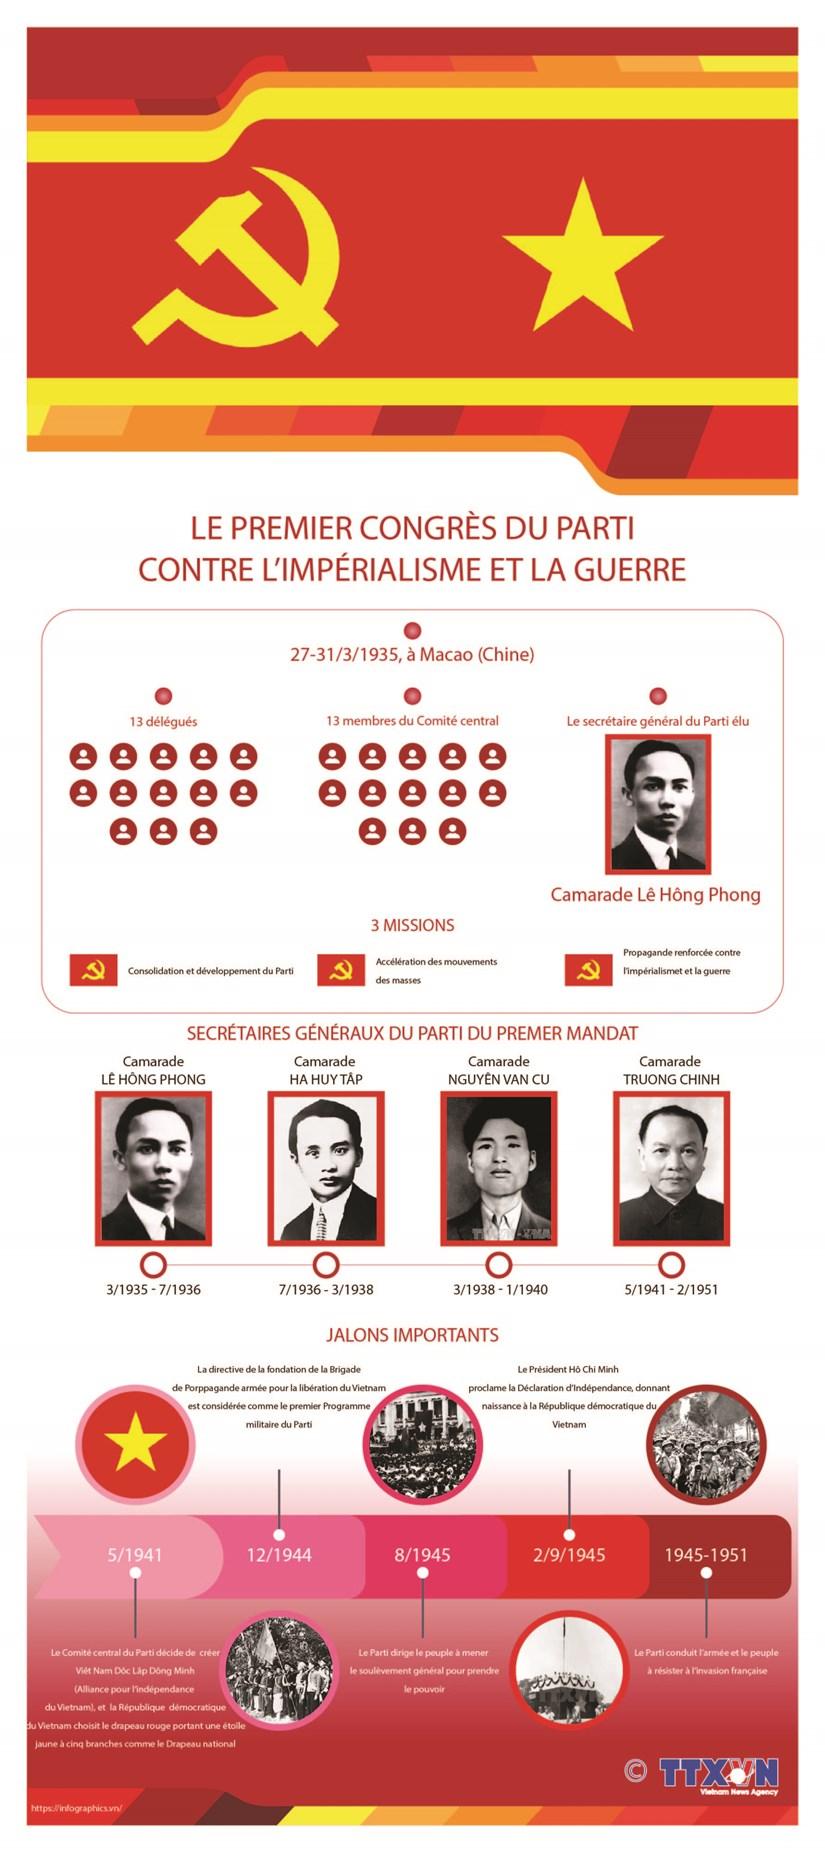 Le premier Congres du Parti contre l'imperialisme et la guerre hinh anh 1